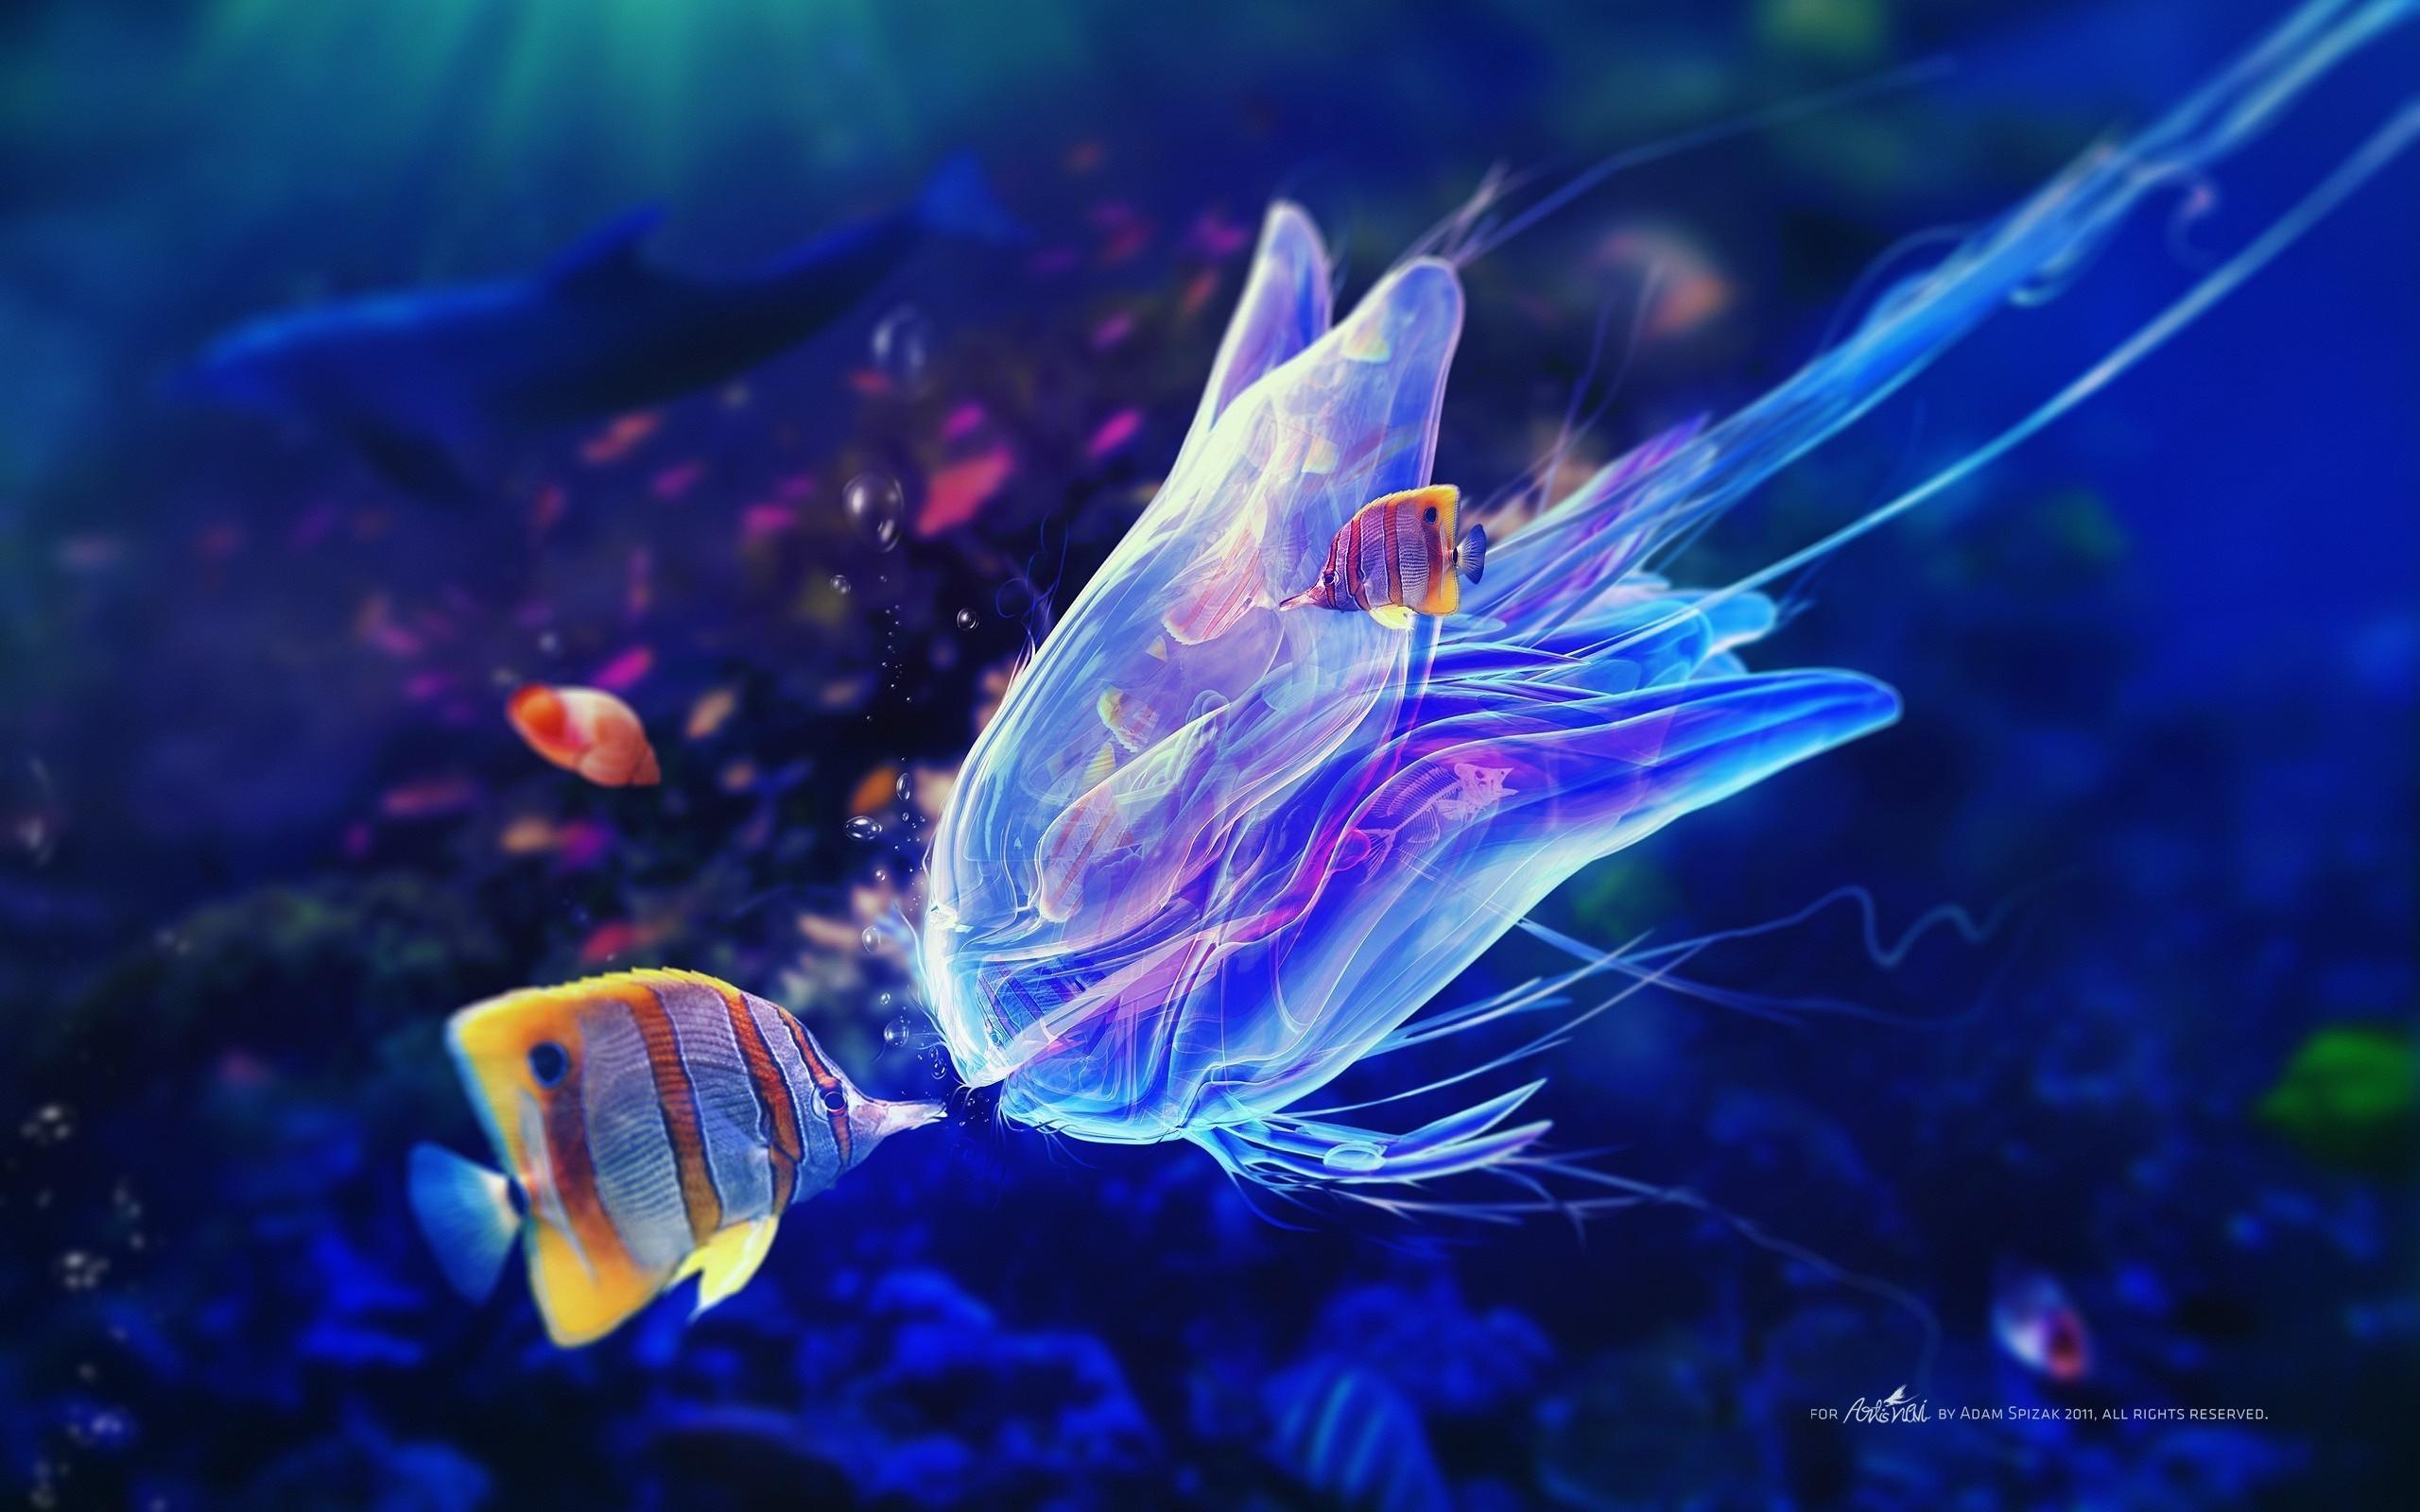 Fond d'écran : art numérique, poisson, sous-marin, Bisous, aquarium, Adam Spizak, 2560x1600 px ...